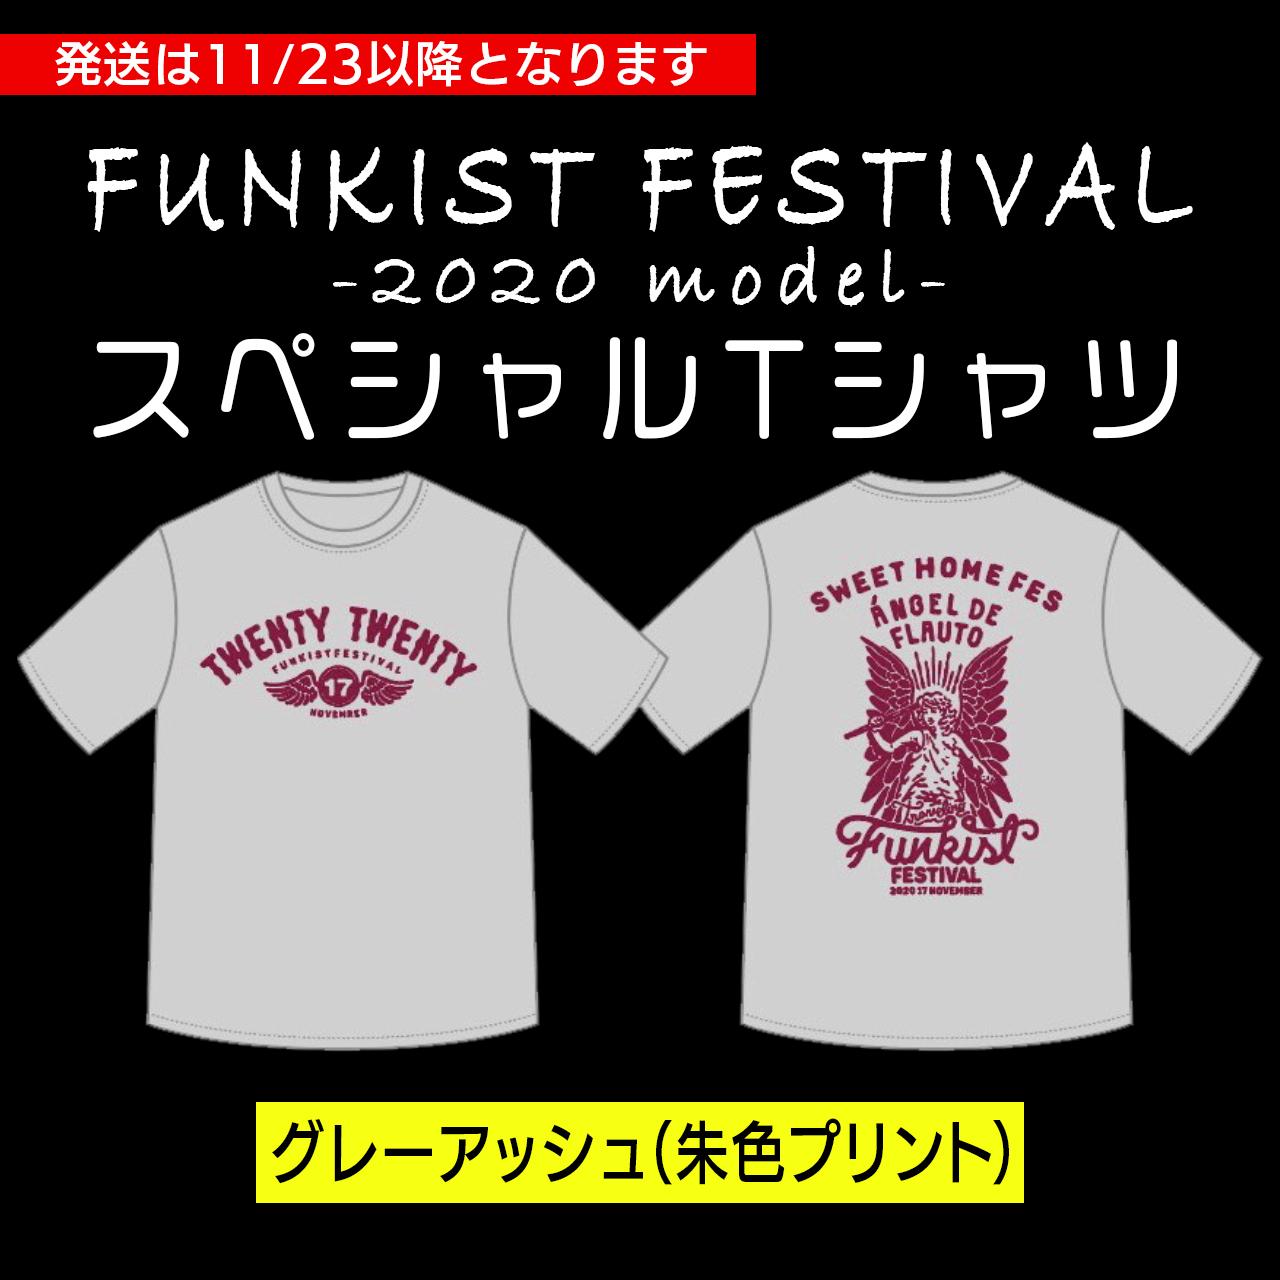 FUNKIST FESTIVAL2020 Tシャツ(グレーアッシュ・朱色プリント)